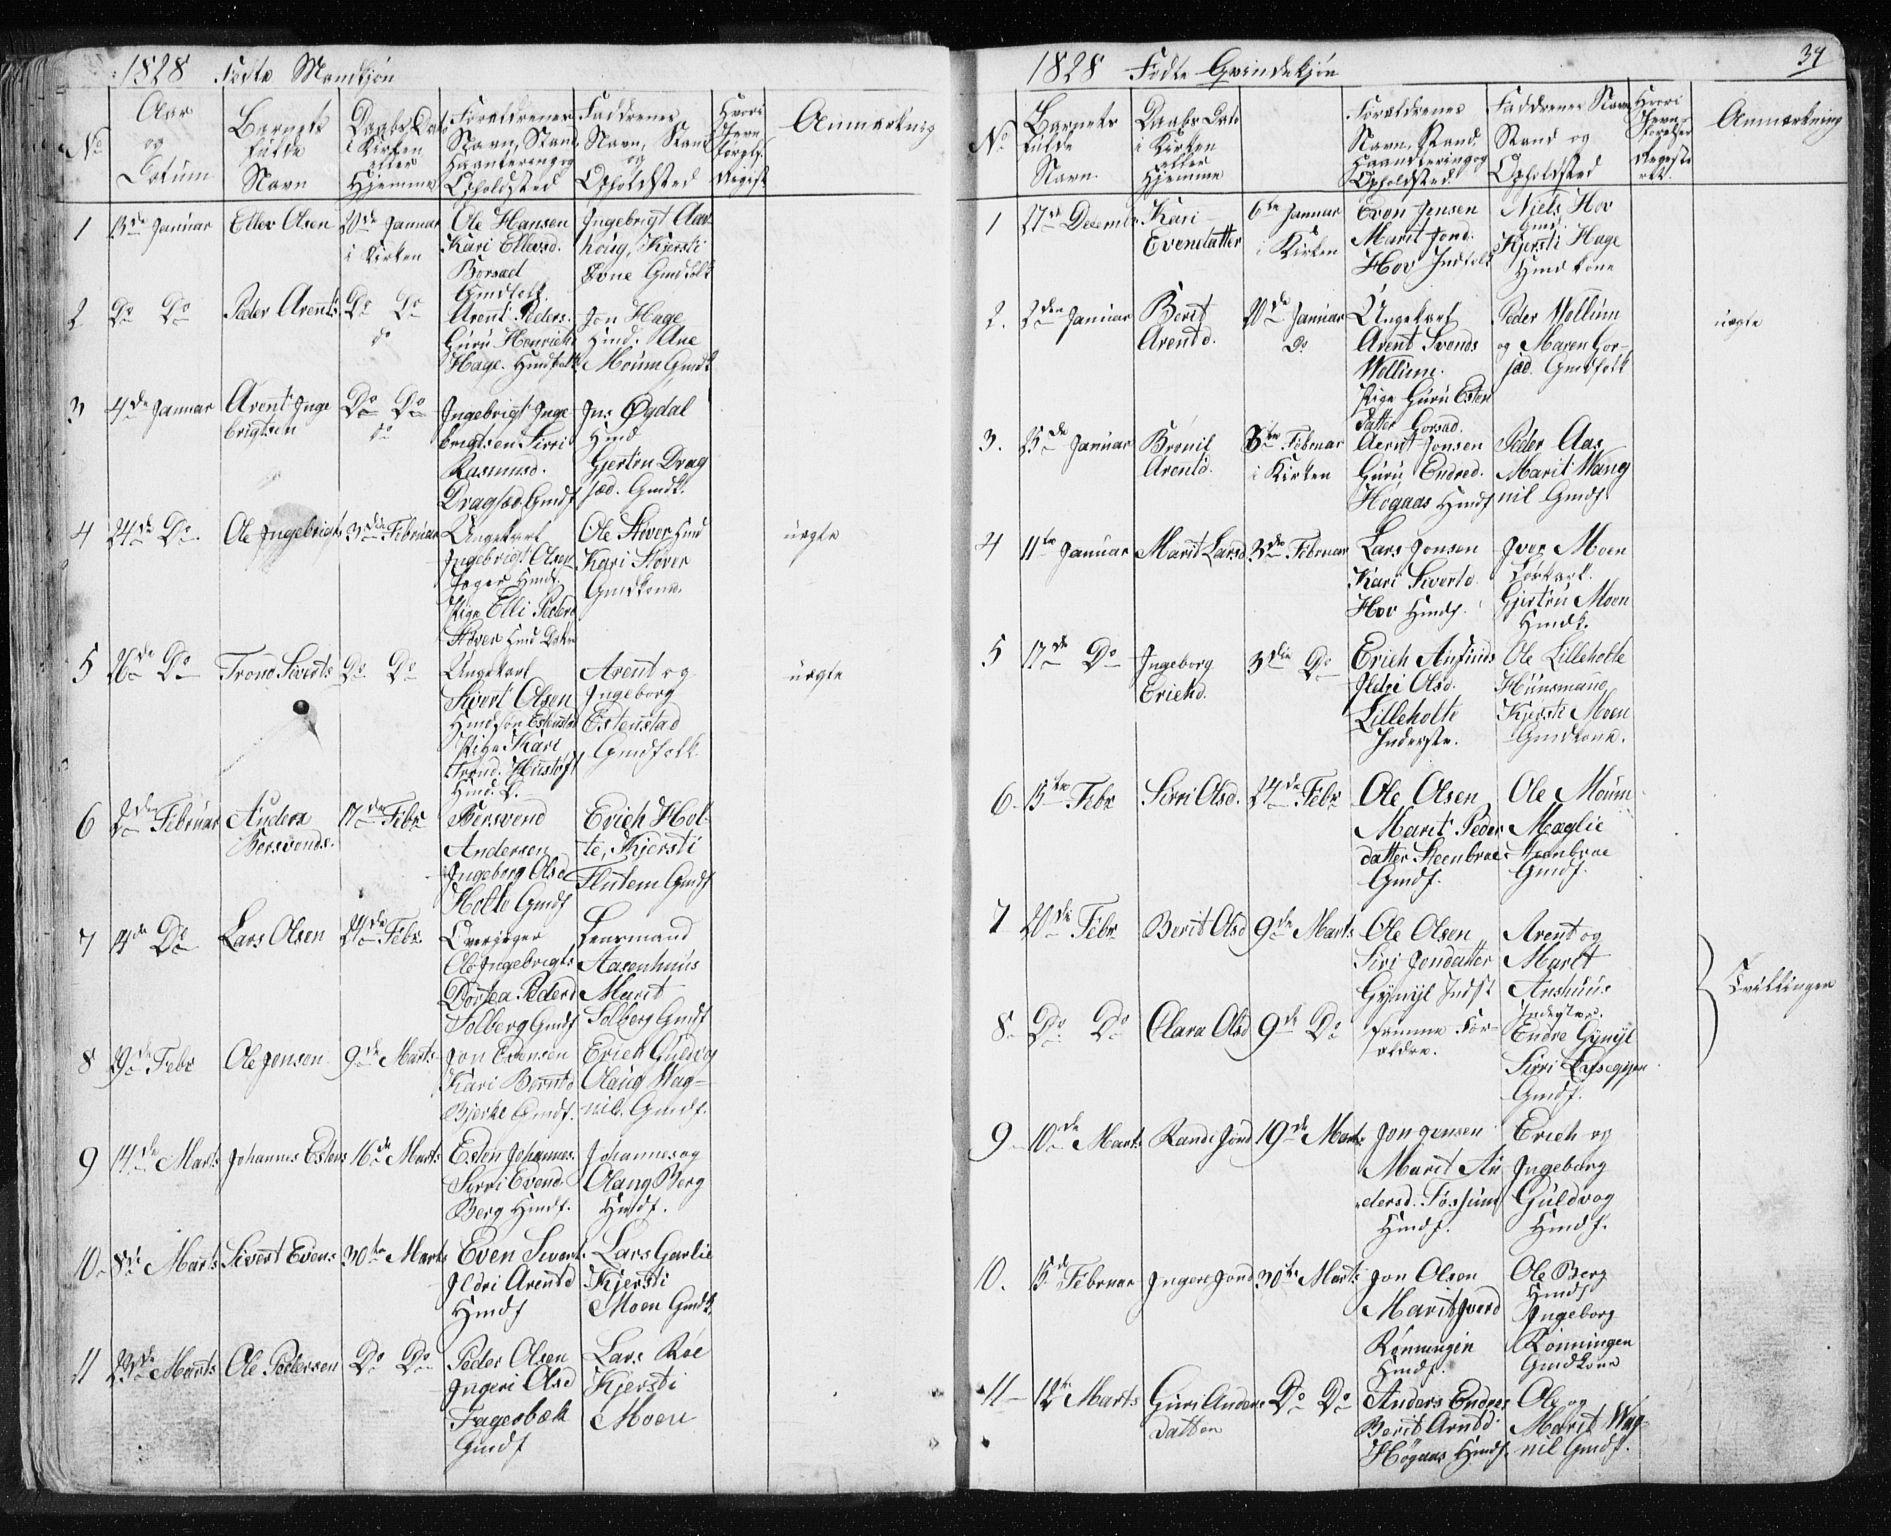 SAT, Ministerialprotokoller, klokkerbøker og fødselsregistre - Sør-Trøndelag, 689/L1043: Klokkerbok nr. 689C02, 1816-1892, s. 34